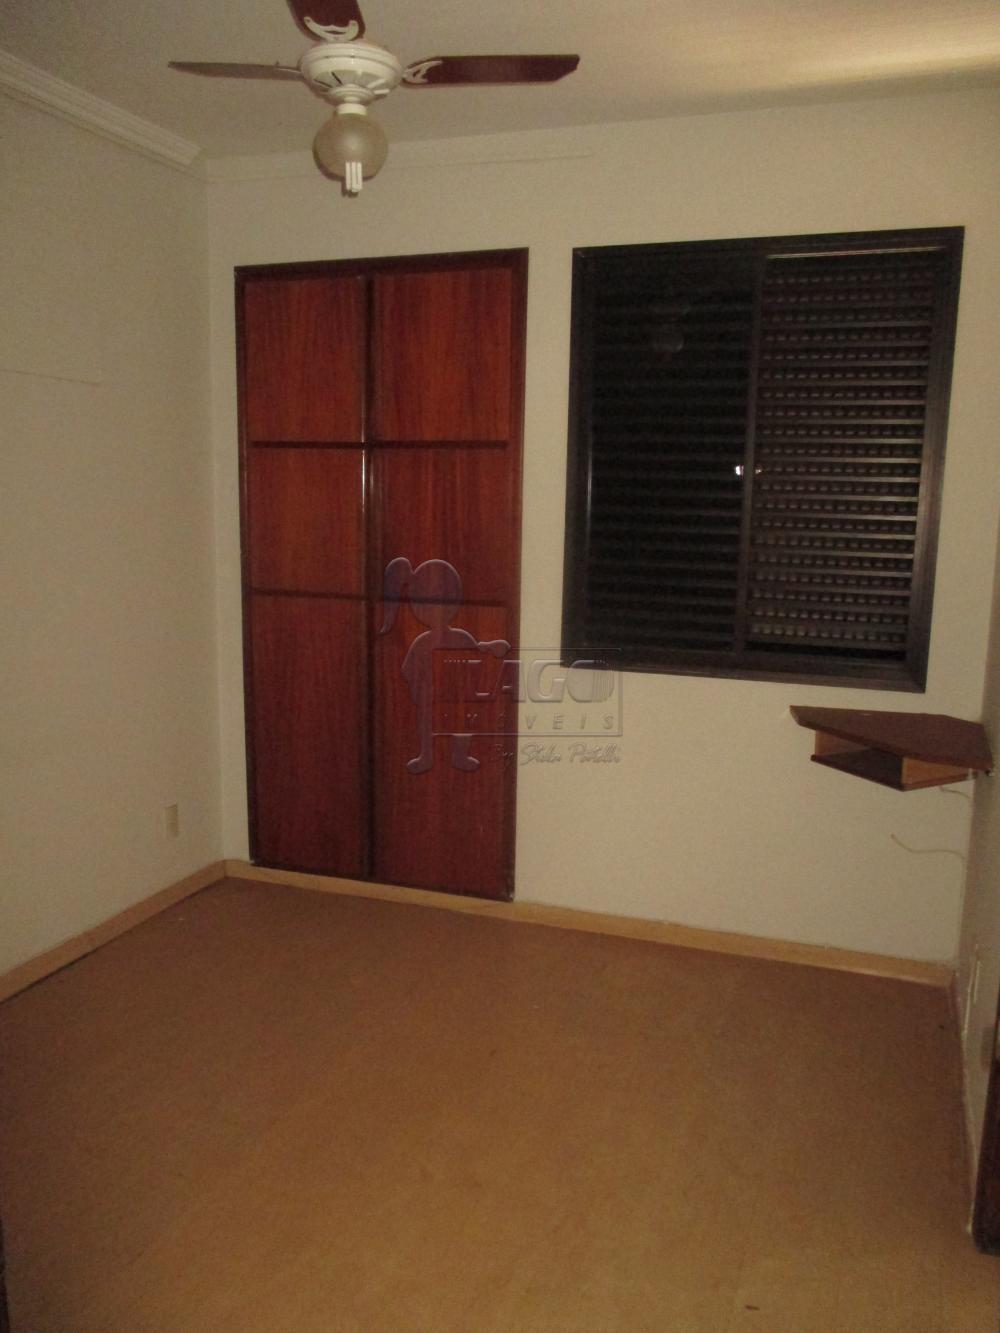 Comprar Apartamento / Padrão em Ribeirão Preto apenas R$ 371.000,00 - Foto 14